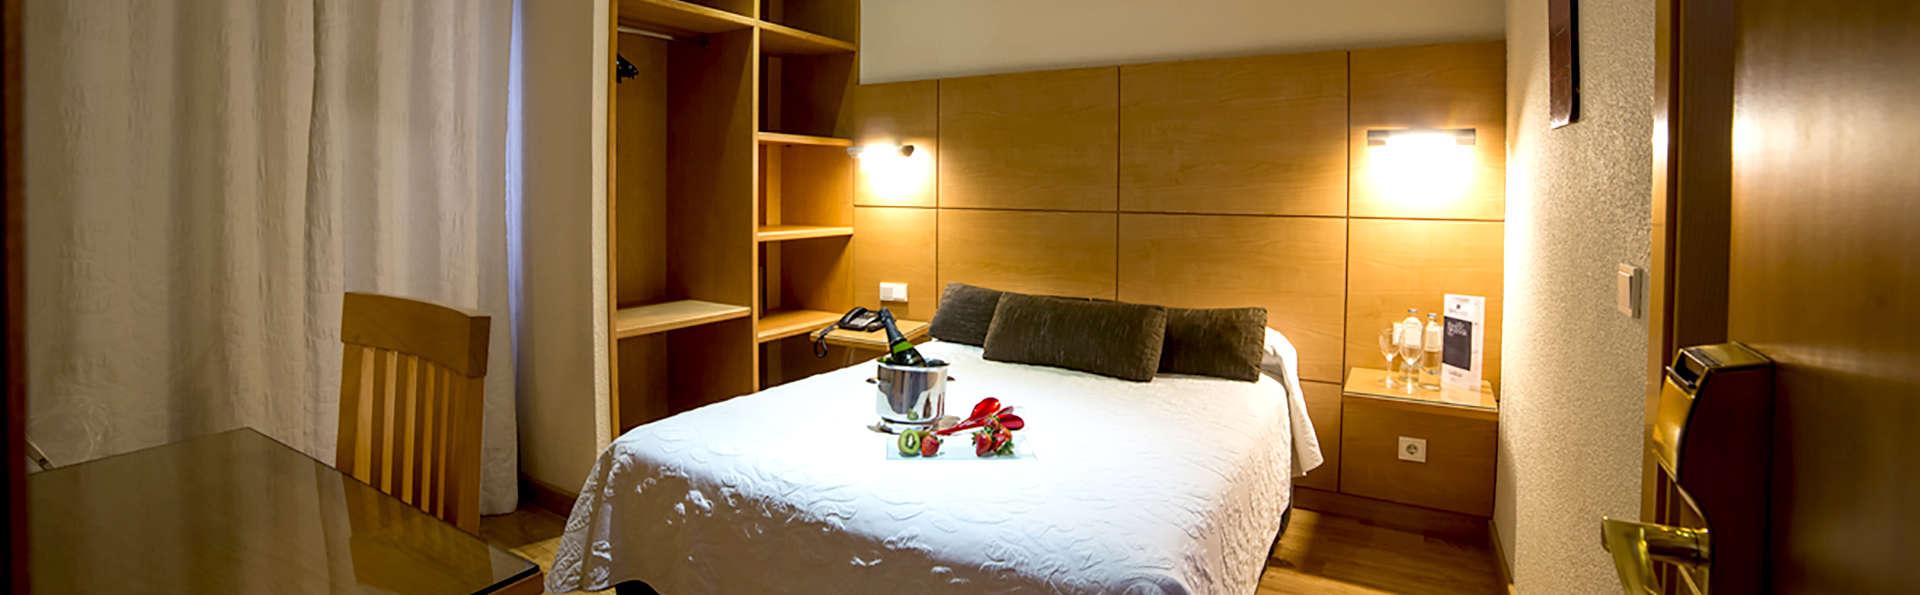 Hotel Serrano - Edit_Room7.jpg